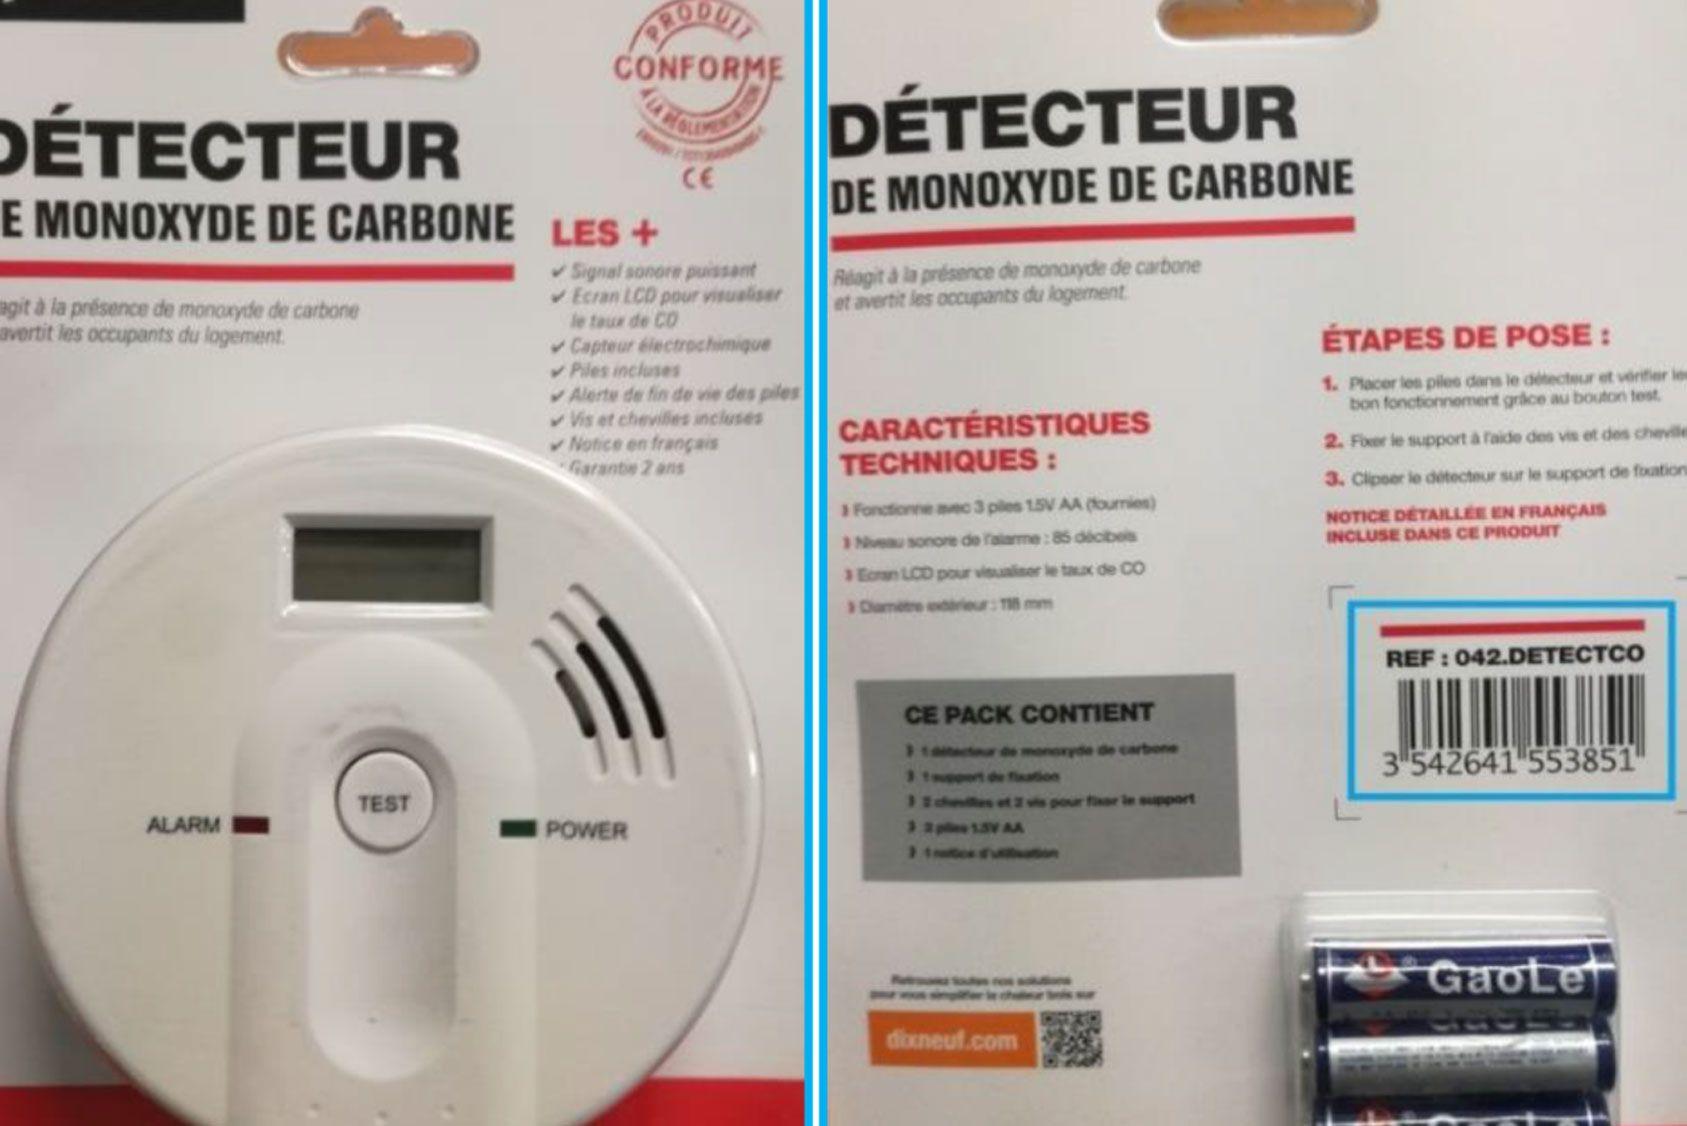 Des détecteurs de monoxyde de carbone défectueux sont retirés de la vente